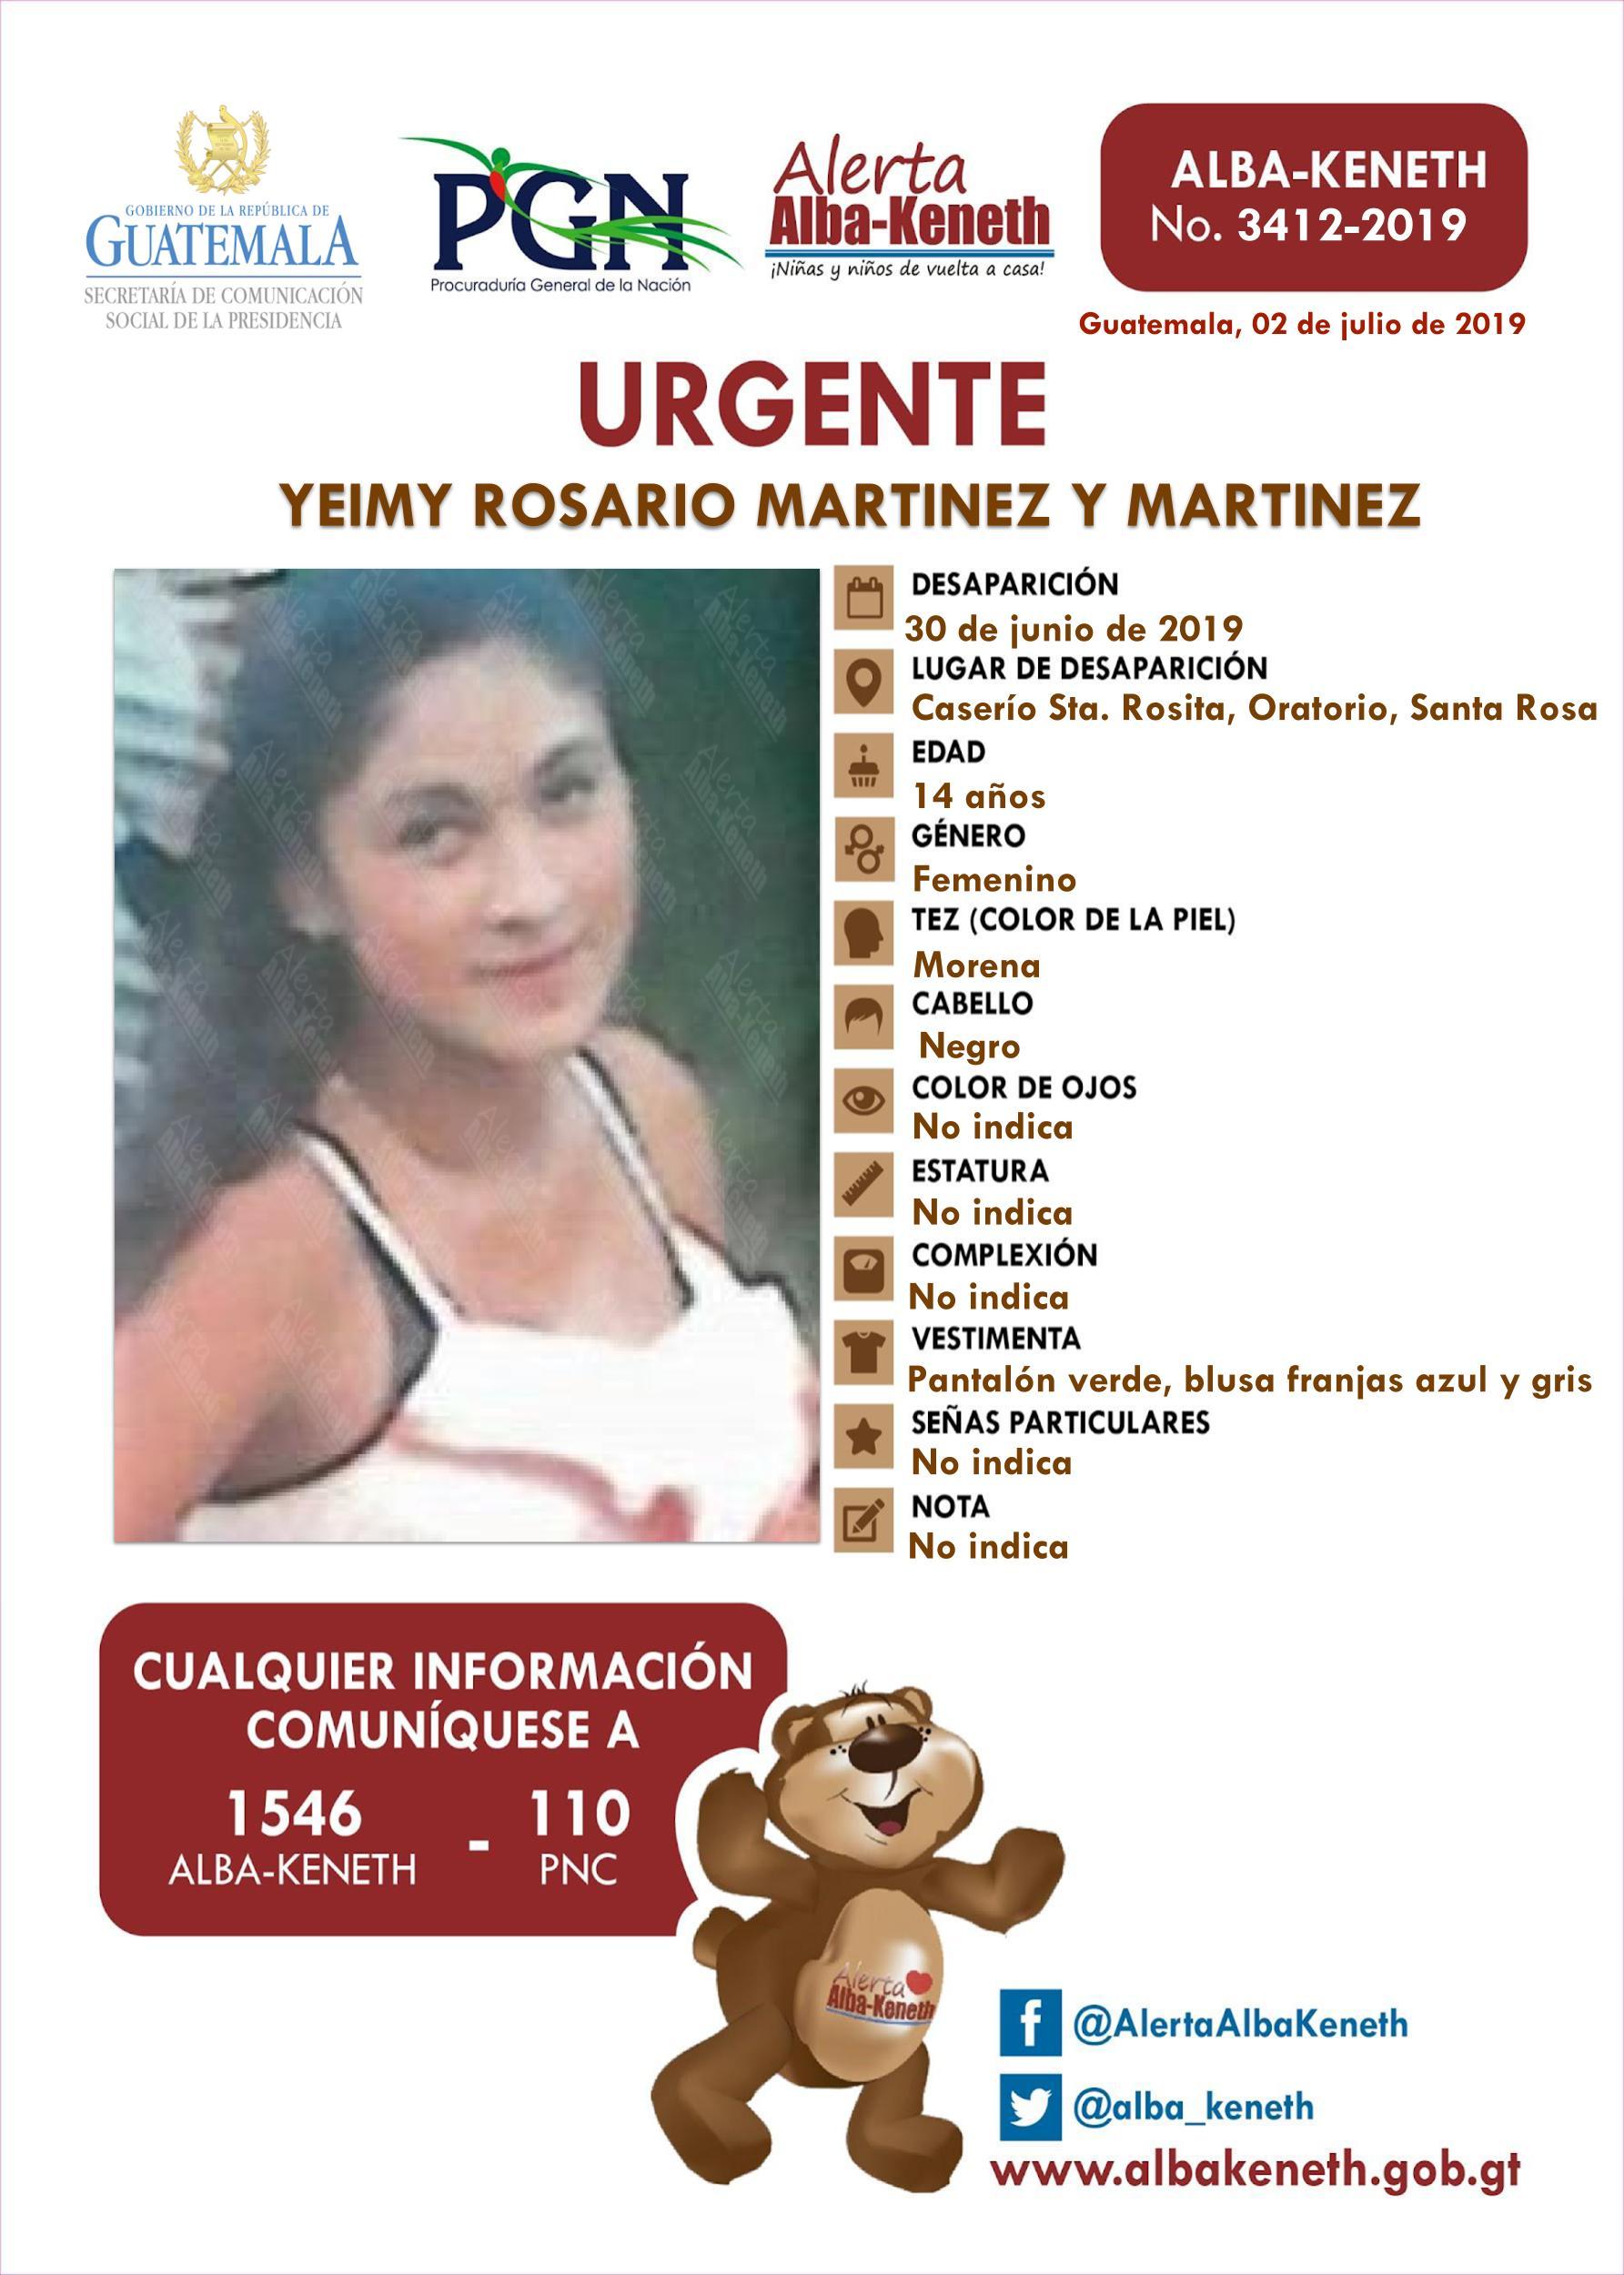 Yeimy Rosario Martinez y Martinez